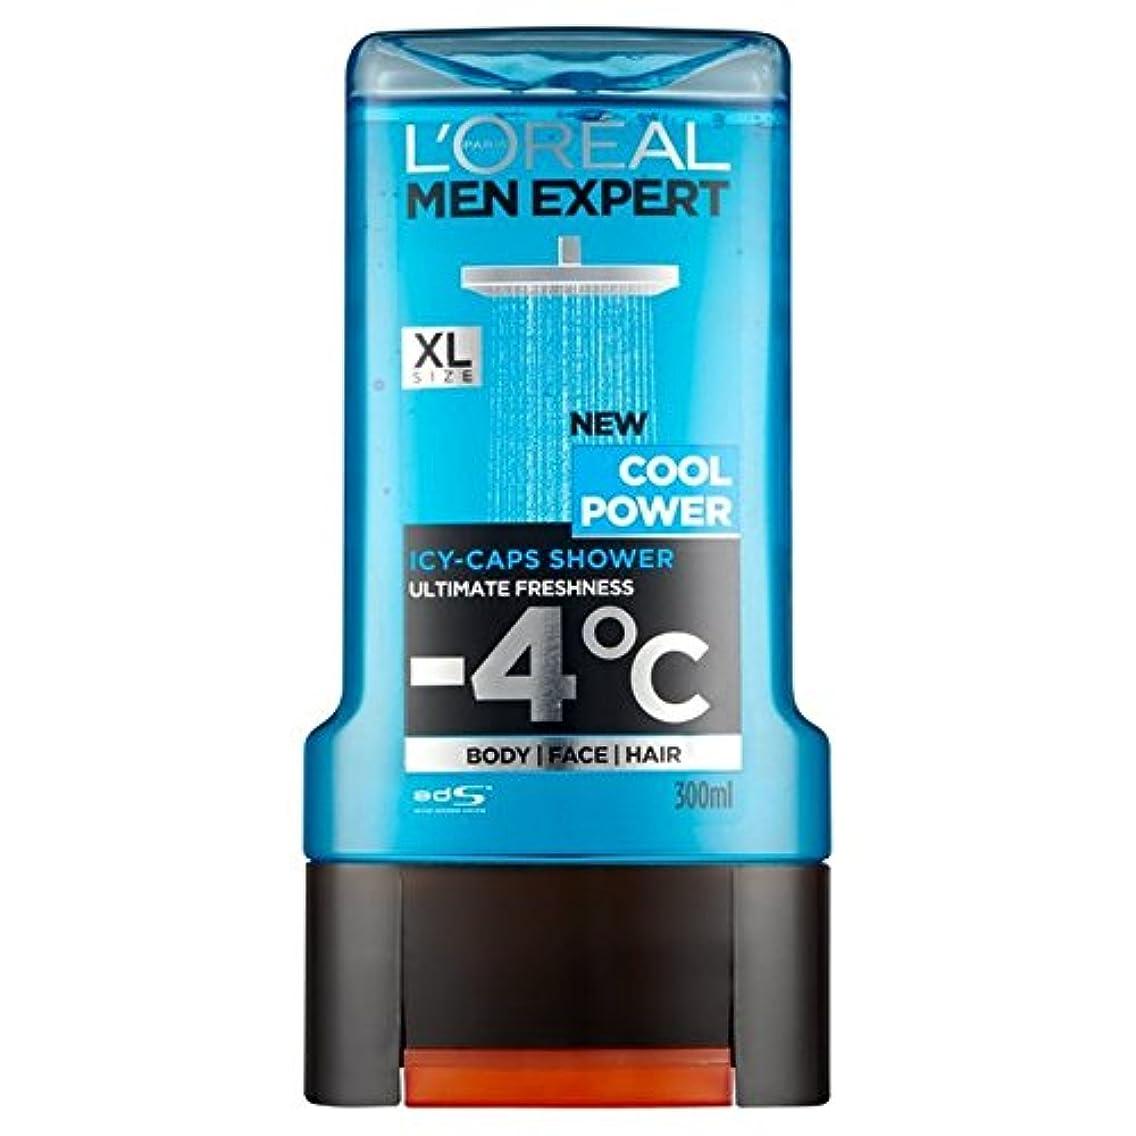 膨らませる傷つきやすい回転させるL'Oreal Paris Men Expert Cool Power Shower Gel 300ml (Pack of 6) - ロレアルパリの男性の専門家のクールなパワーシャワージェル300ミリリットル x6 [並行輸入品]